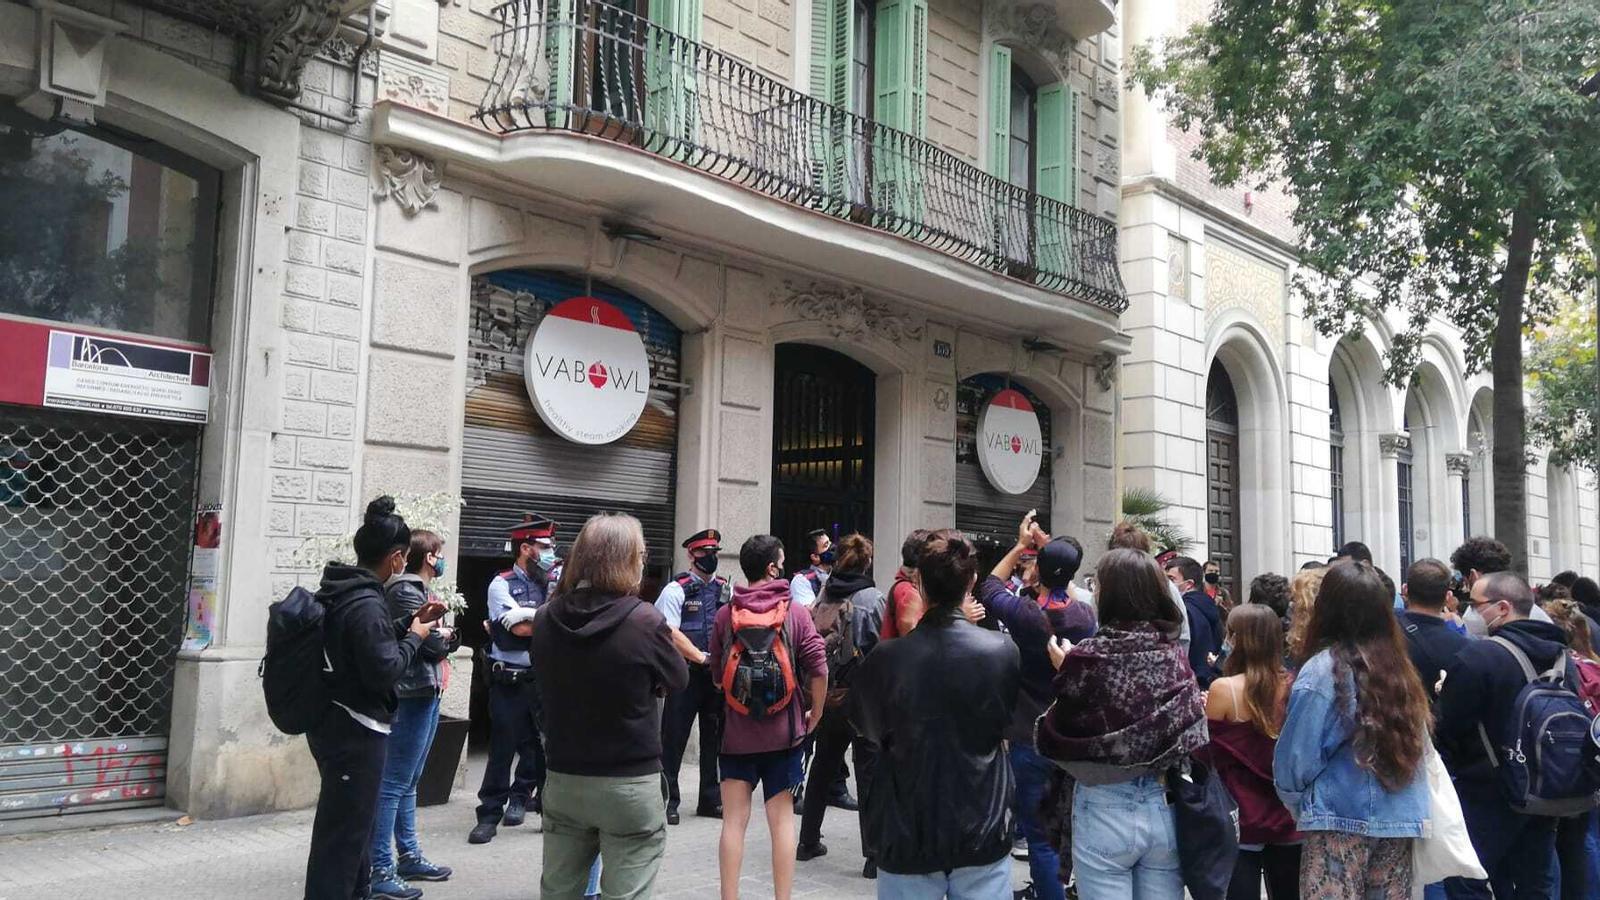 Acuerdo en el gobierno español para paralizar los desahucios hasta el final del estado de alarma